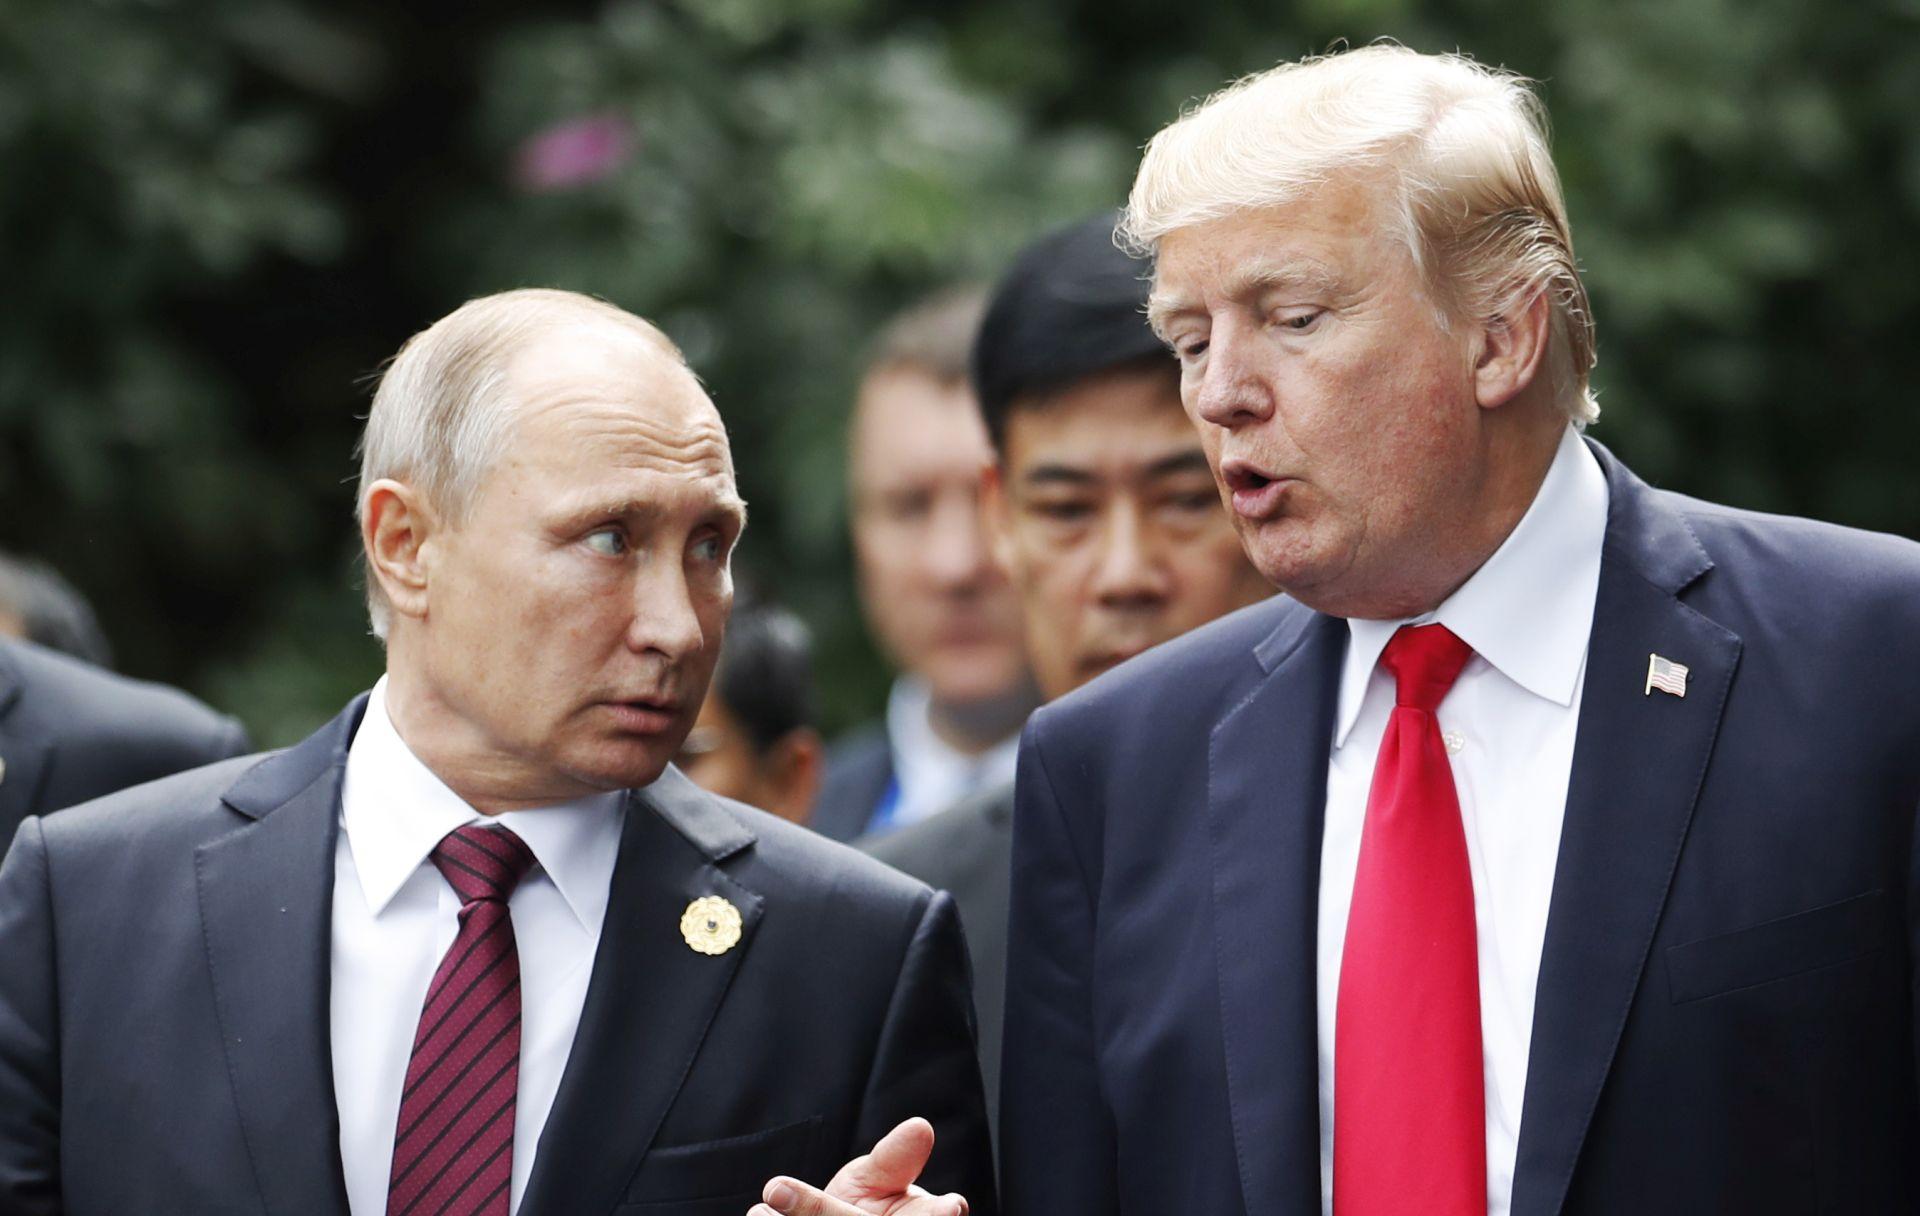 Zašto se sastanak Trumpa i Putina održava u Helsinkiju?